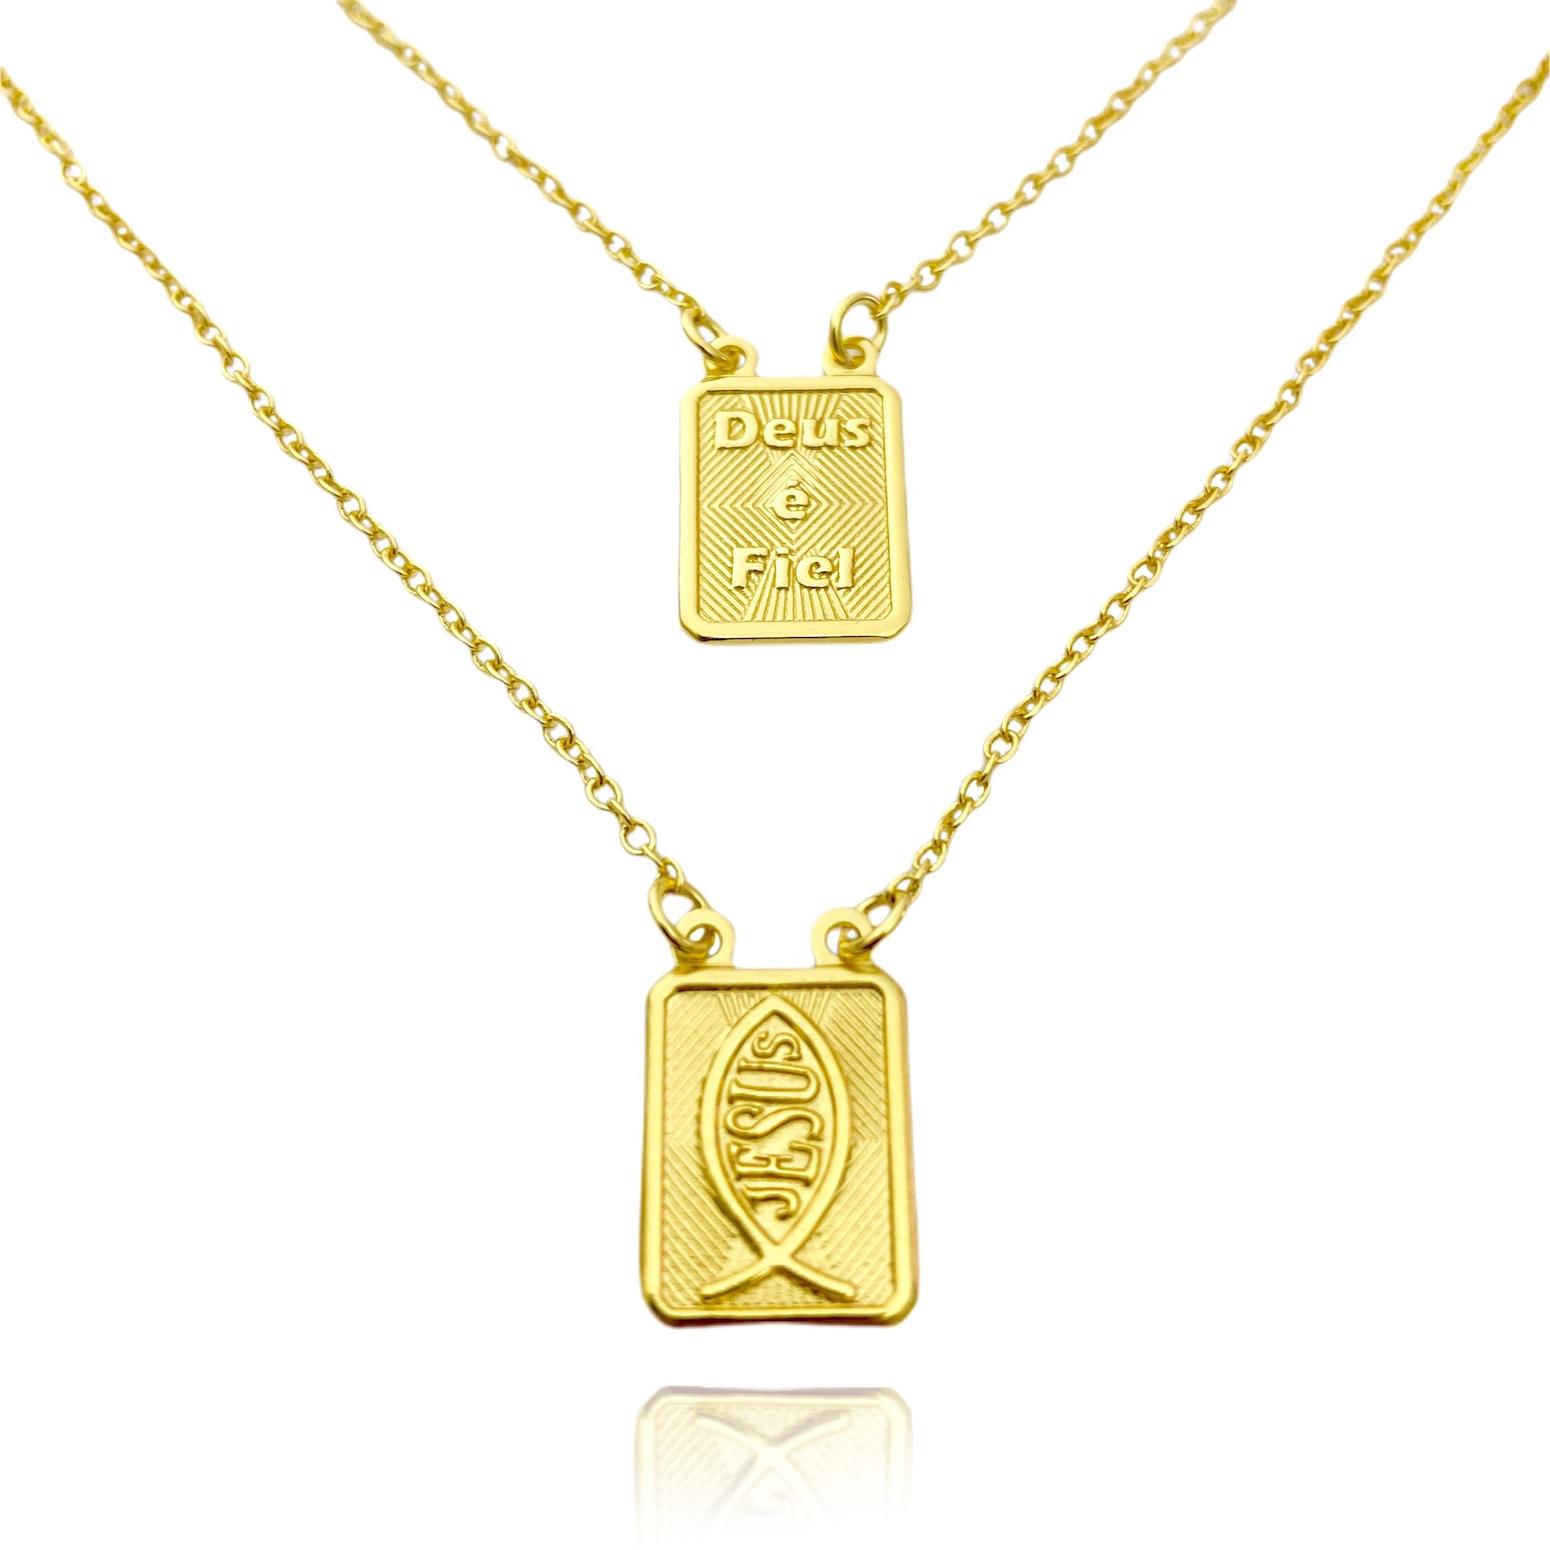 Escapulário Deus é Fiel e Jesus 70cm Elo Português (Banho Ouro 24k)